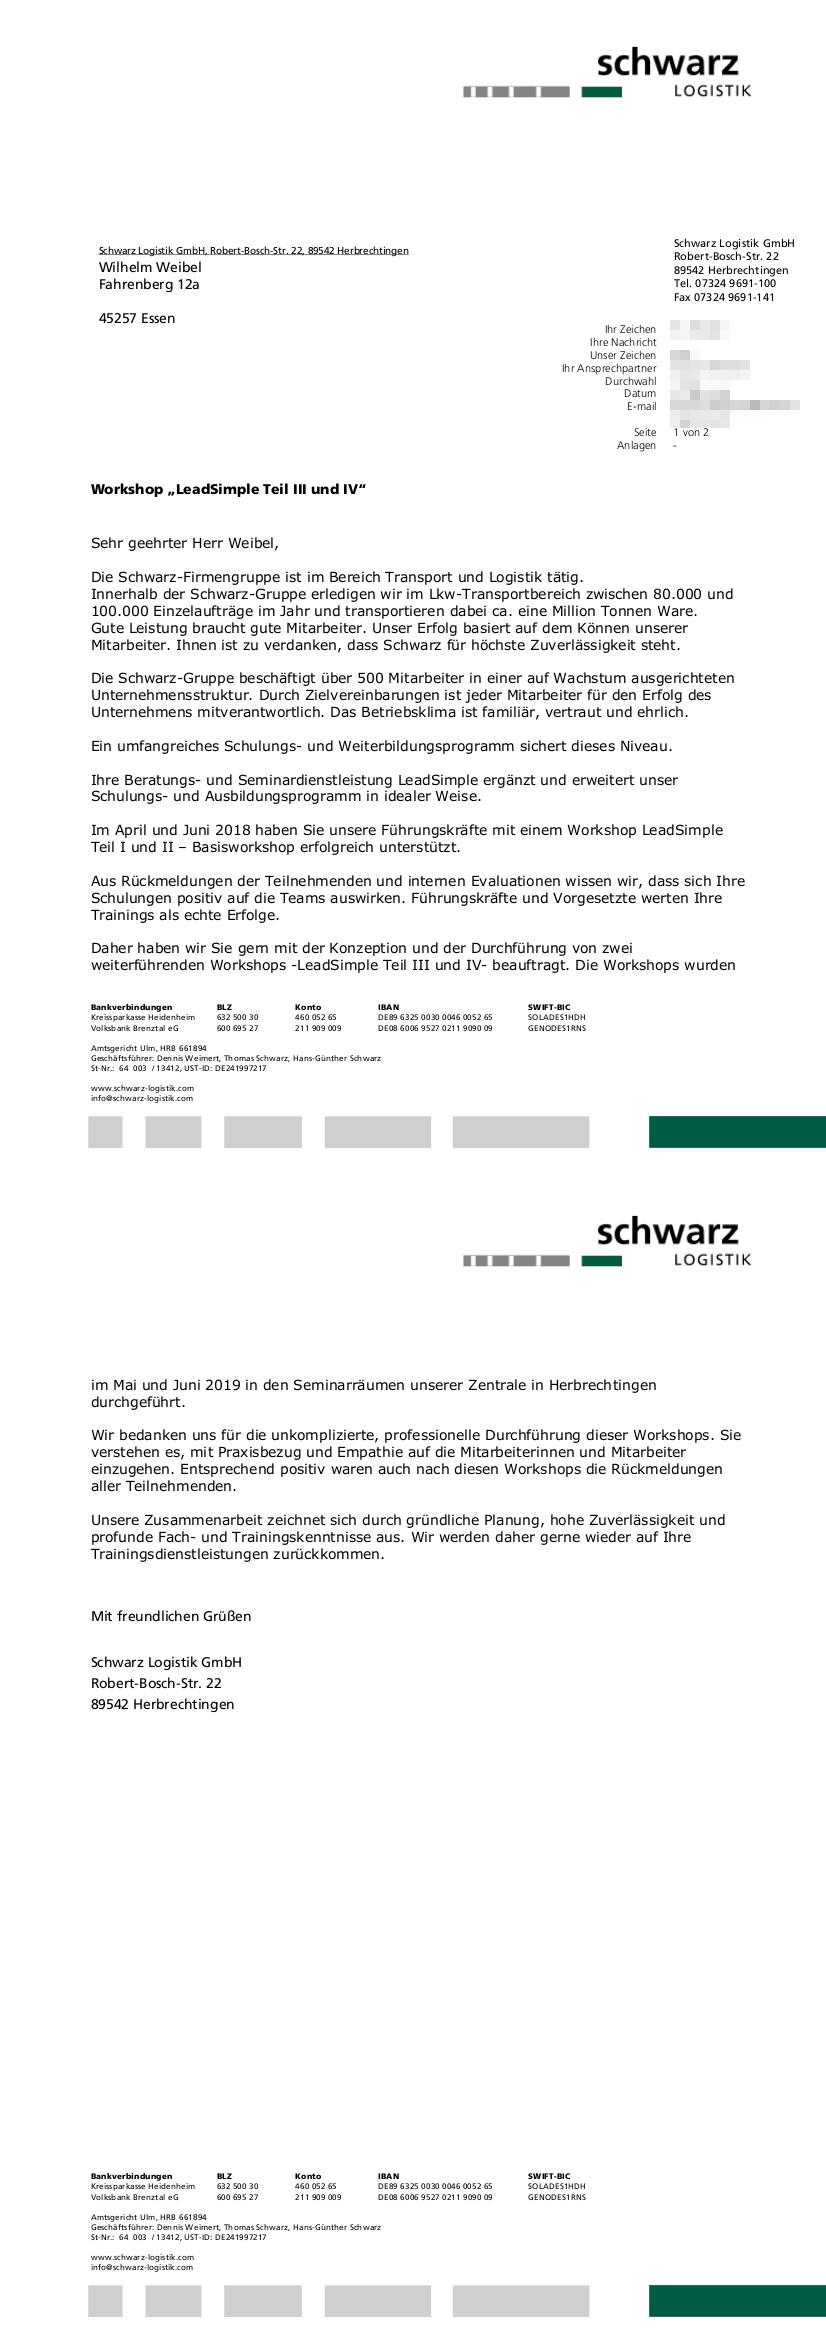 Kundenreferenz Schwarz Logistik Teil 2